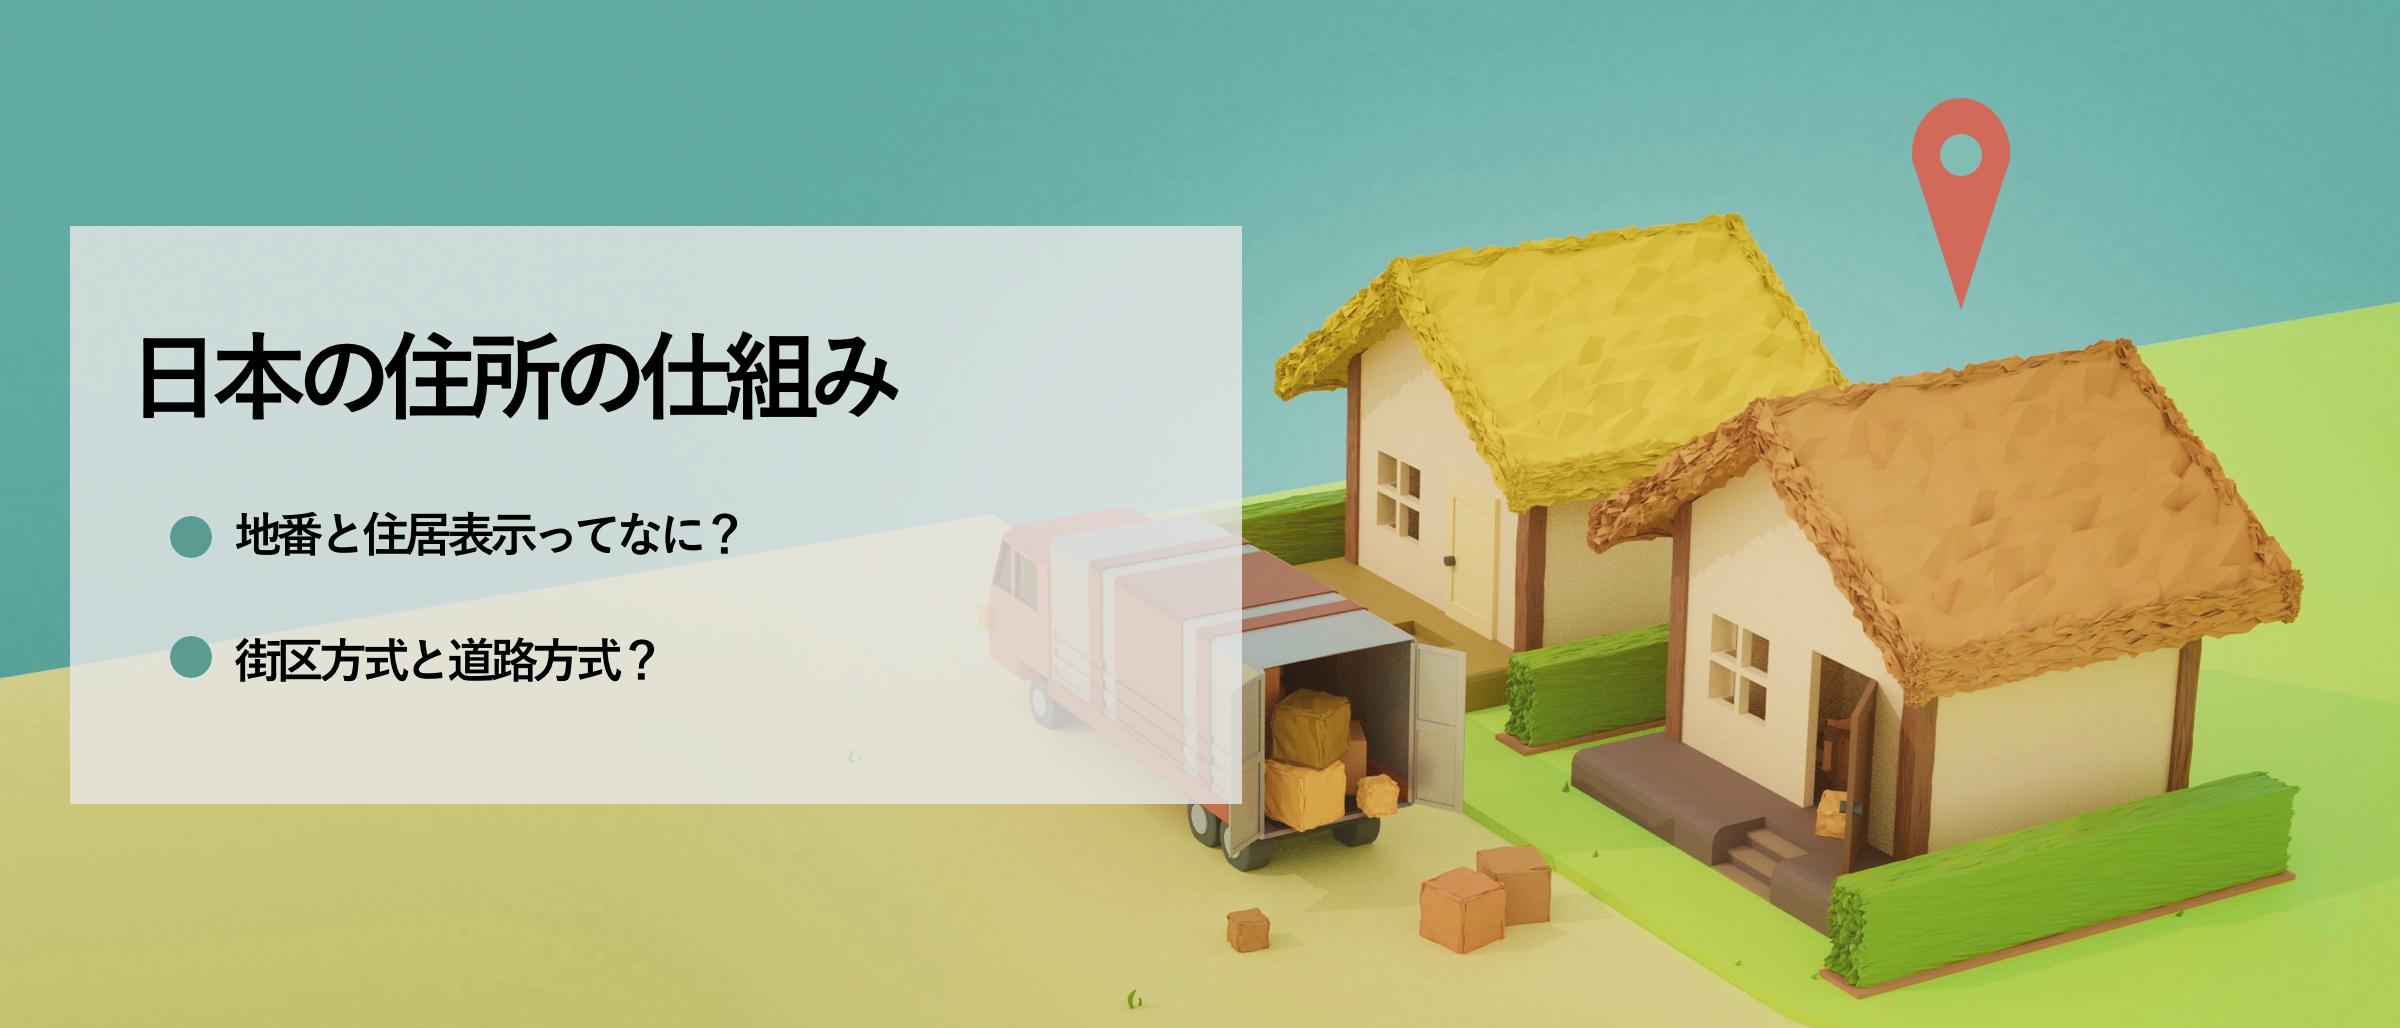 日本の住所って、どうやって決まるの?地番と住居表示の違いは?街区方式と道路方式ってなに? 住所の疑問にお答えします!(住所データ・番地号編)